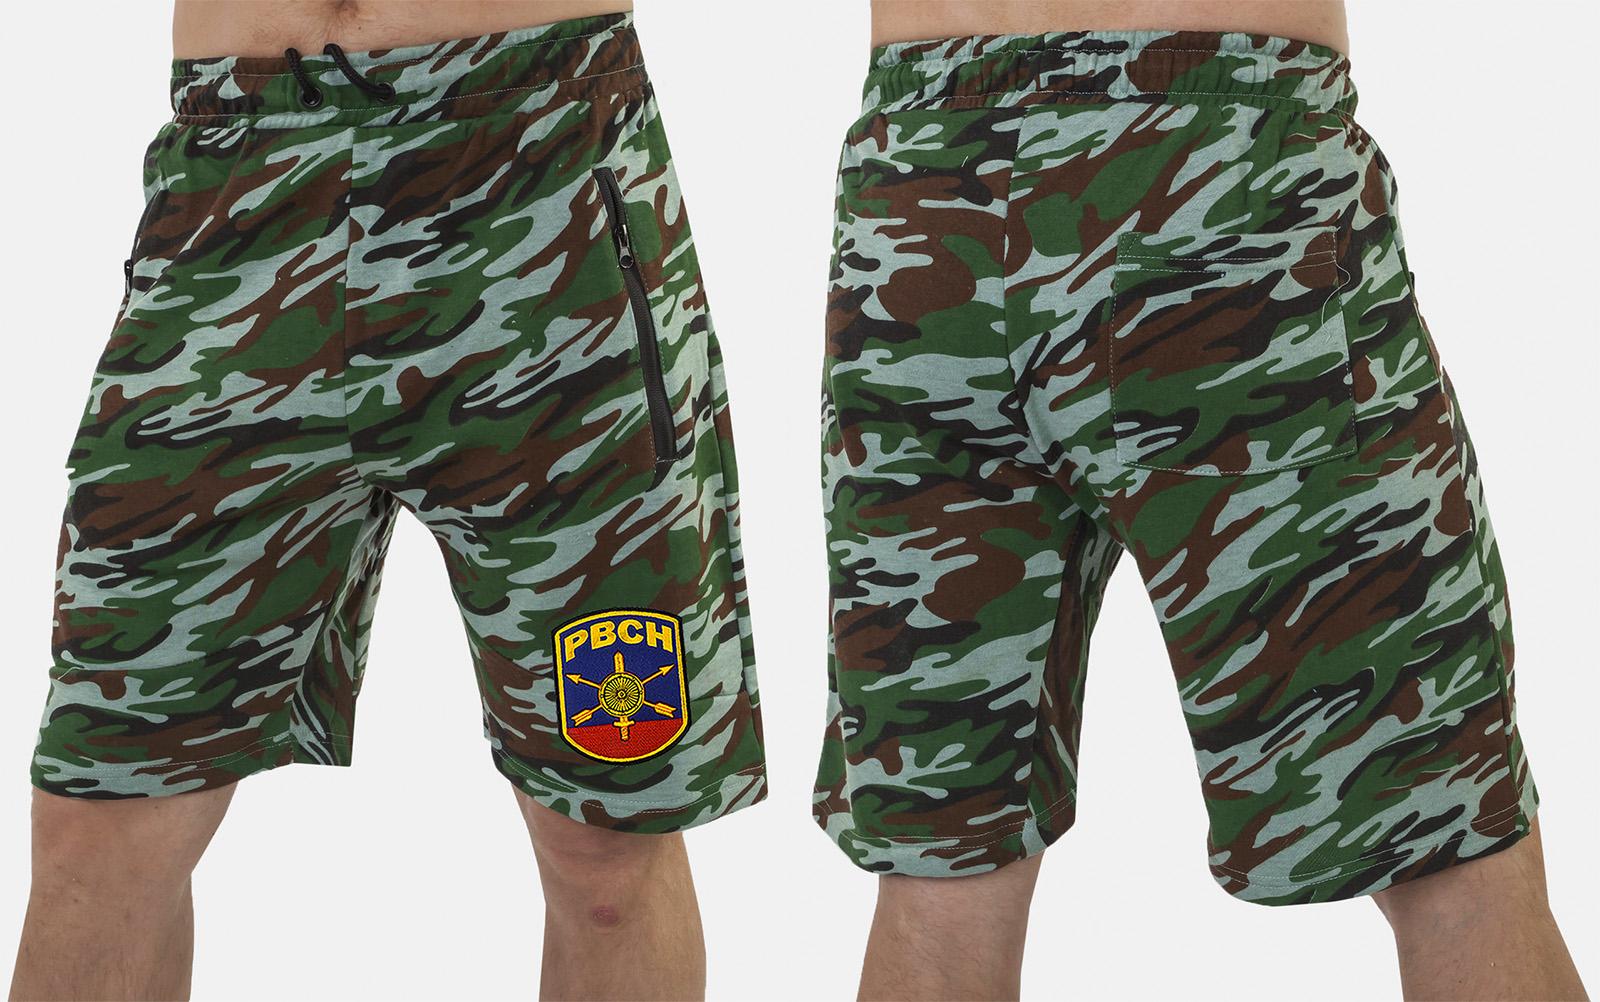 Надежные армейские шорты с карманами и нашивкой РВСН - купить в подарок